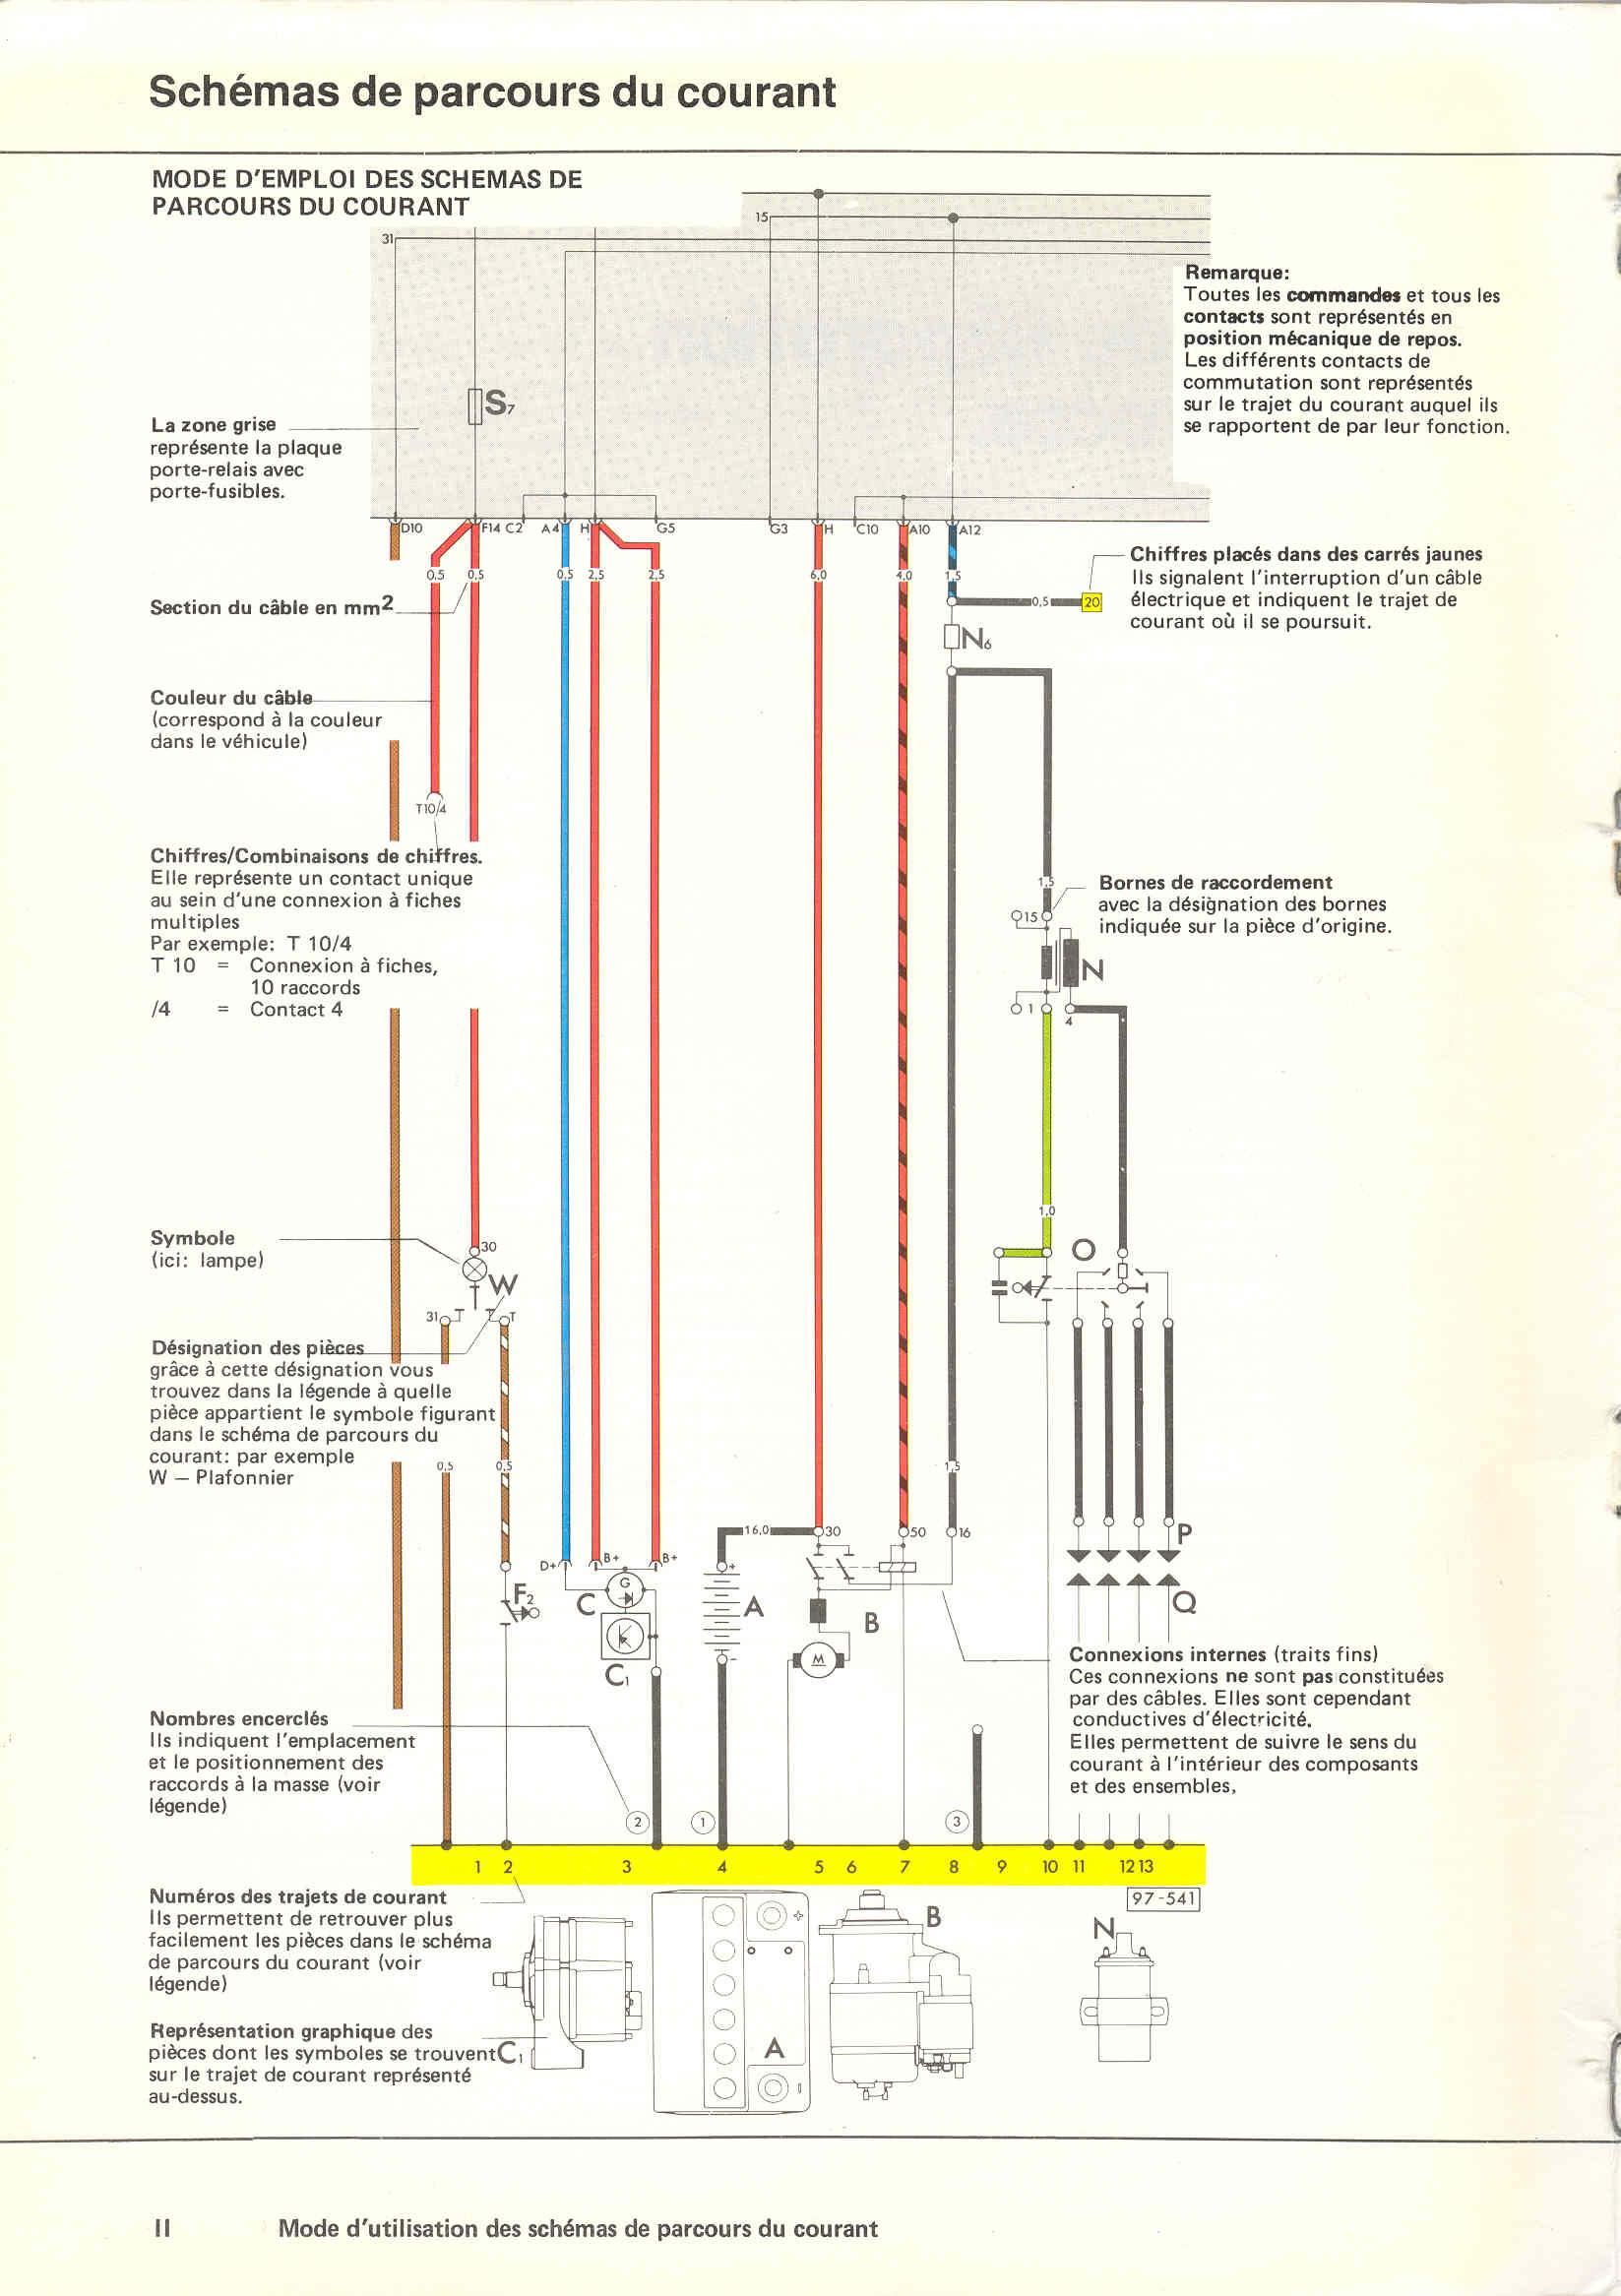 Http://r.foesser.free.fr/manuels_vag/electricite /schemas_electriques/legendes_schemas_01